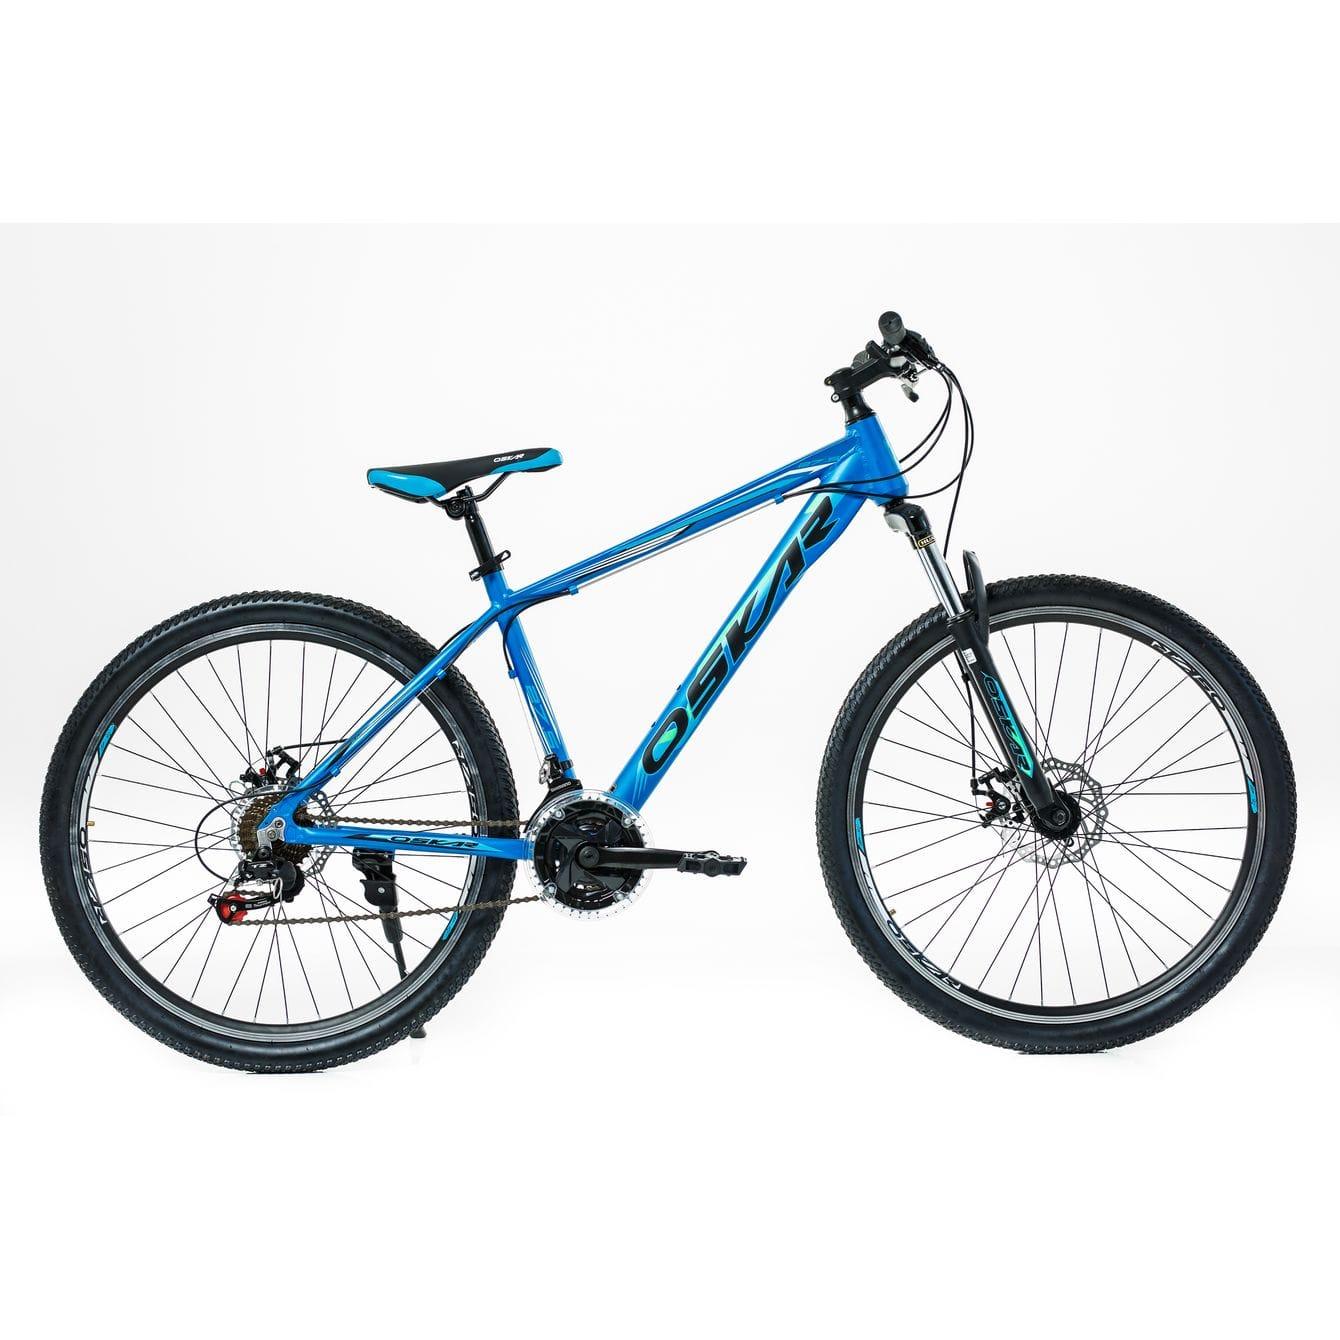 Фото Горный Велосипед Oskar Rodeo 27,5 синий